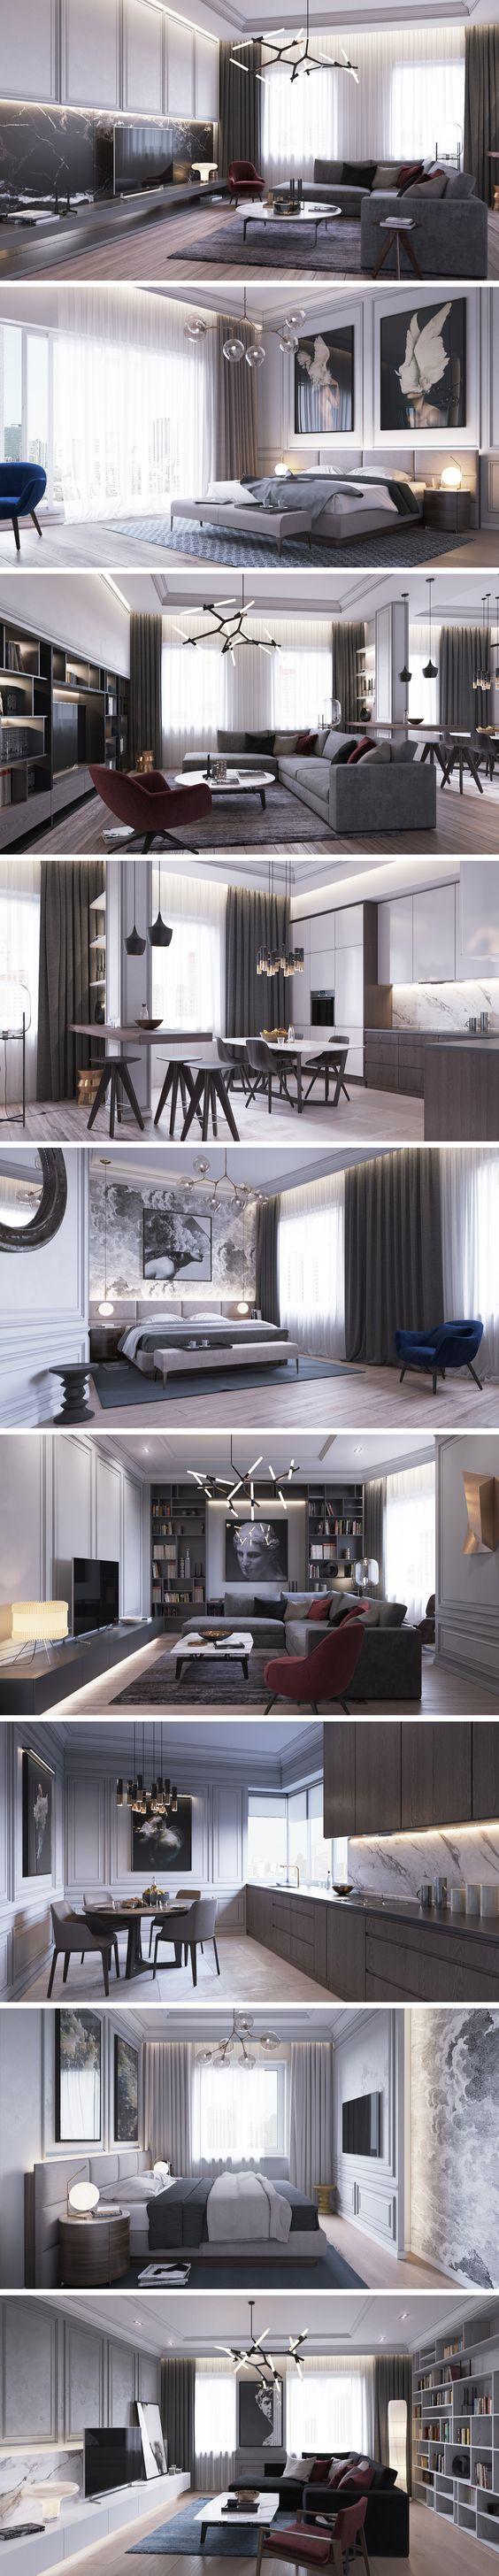 «Апартаменти в Санкт Петербург» - Галерея 3ddd.ru